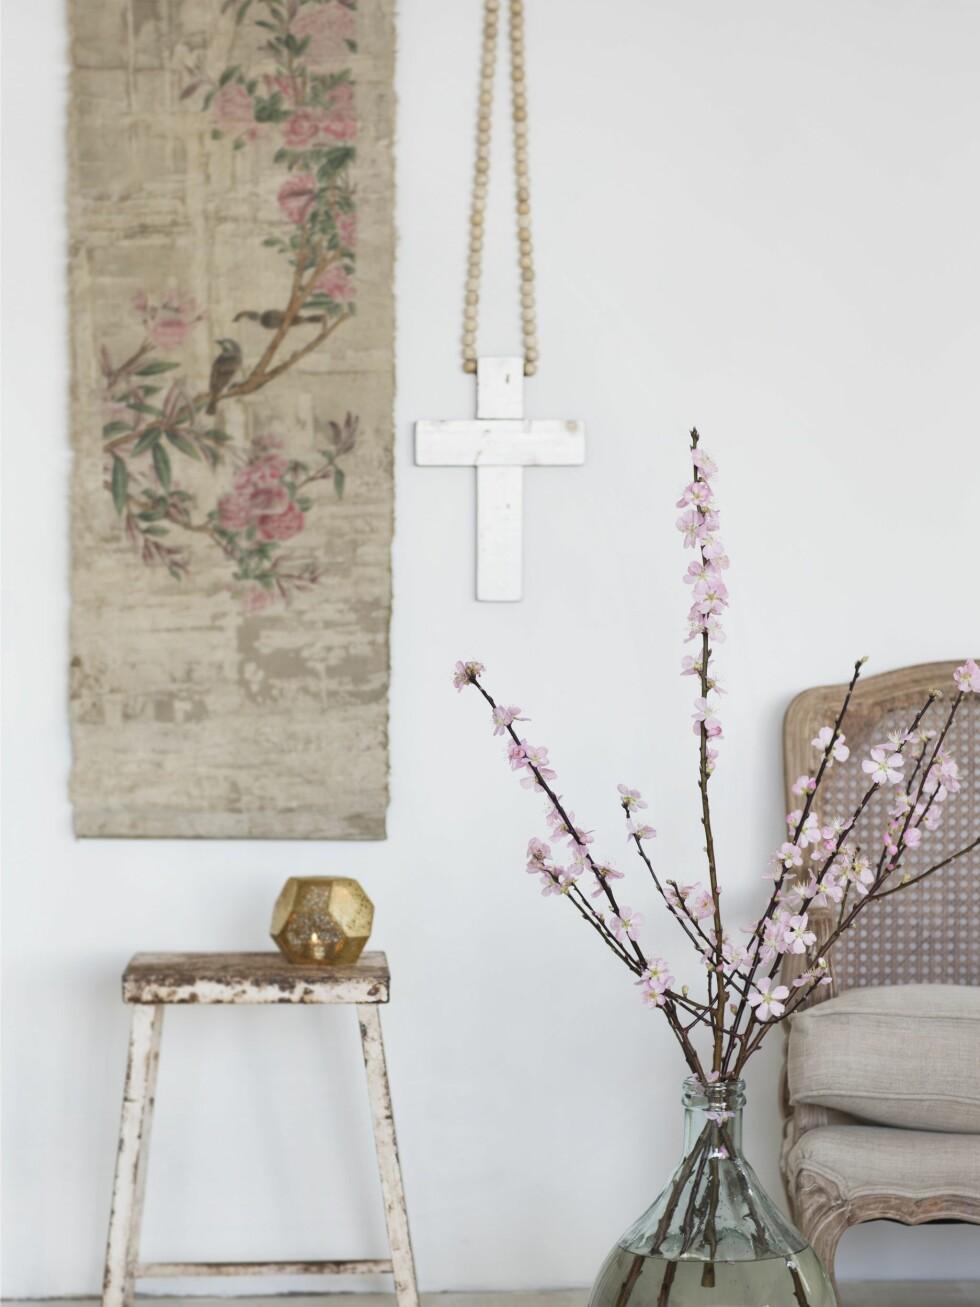 -Kirsebærgreiner med blomster i sart rosa, til telysholder (kr 500, Tom Dixon) og tegning på rull (kr 1800, Anouska). Foto: All Over Press Norway